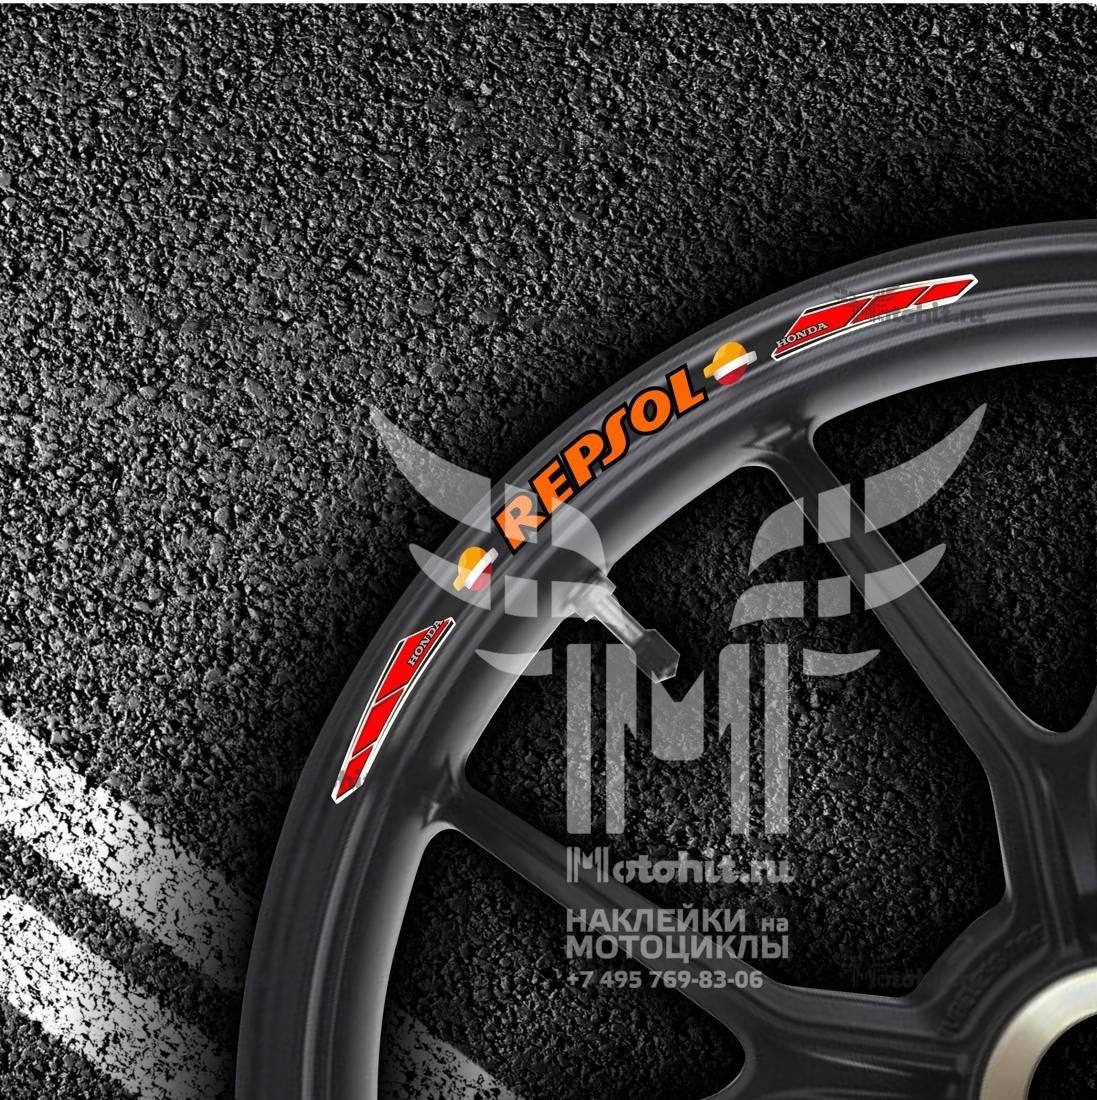 Комплект наклеек на обод колеса мотоцикла HONDA REPSOL